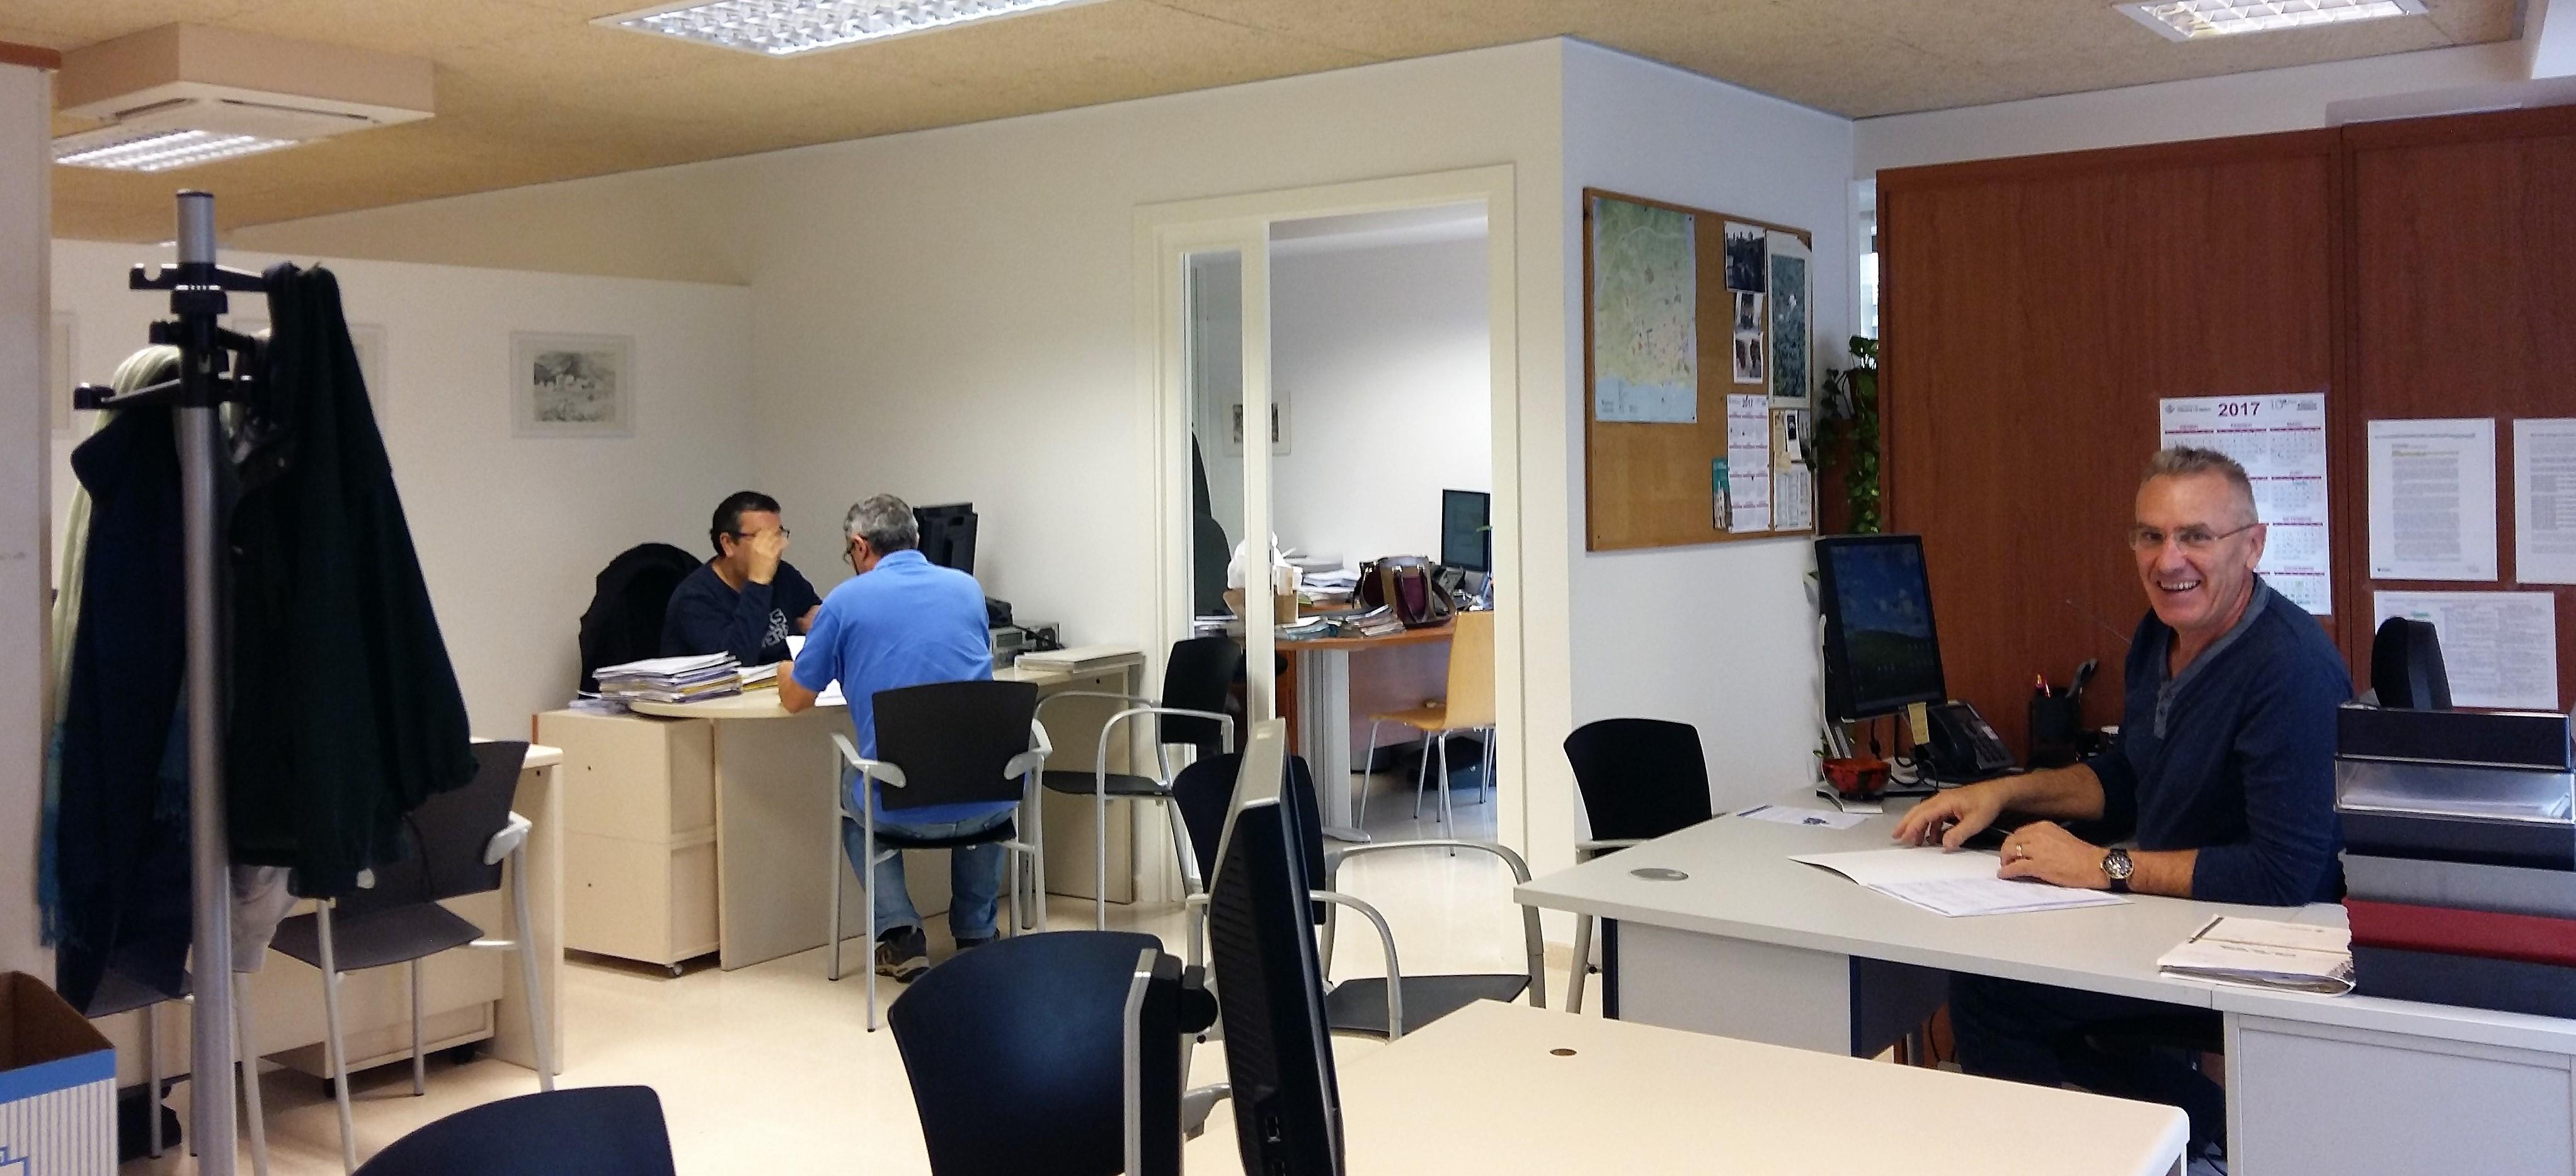 Oficina local d 39 habitatge for Oficina de habitatge